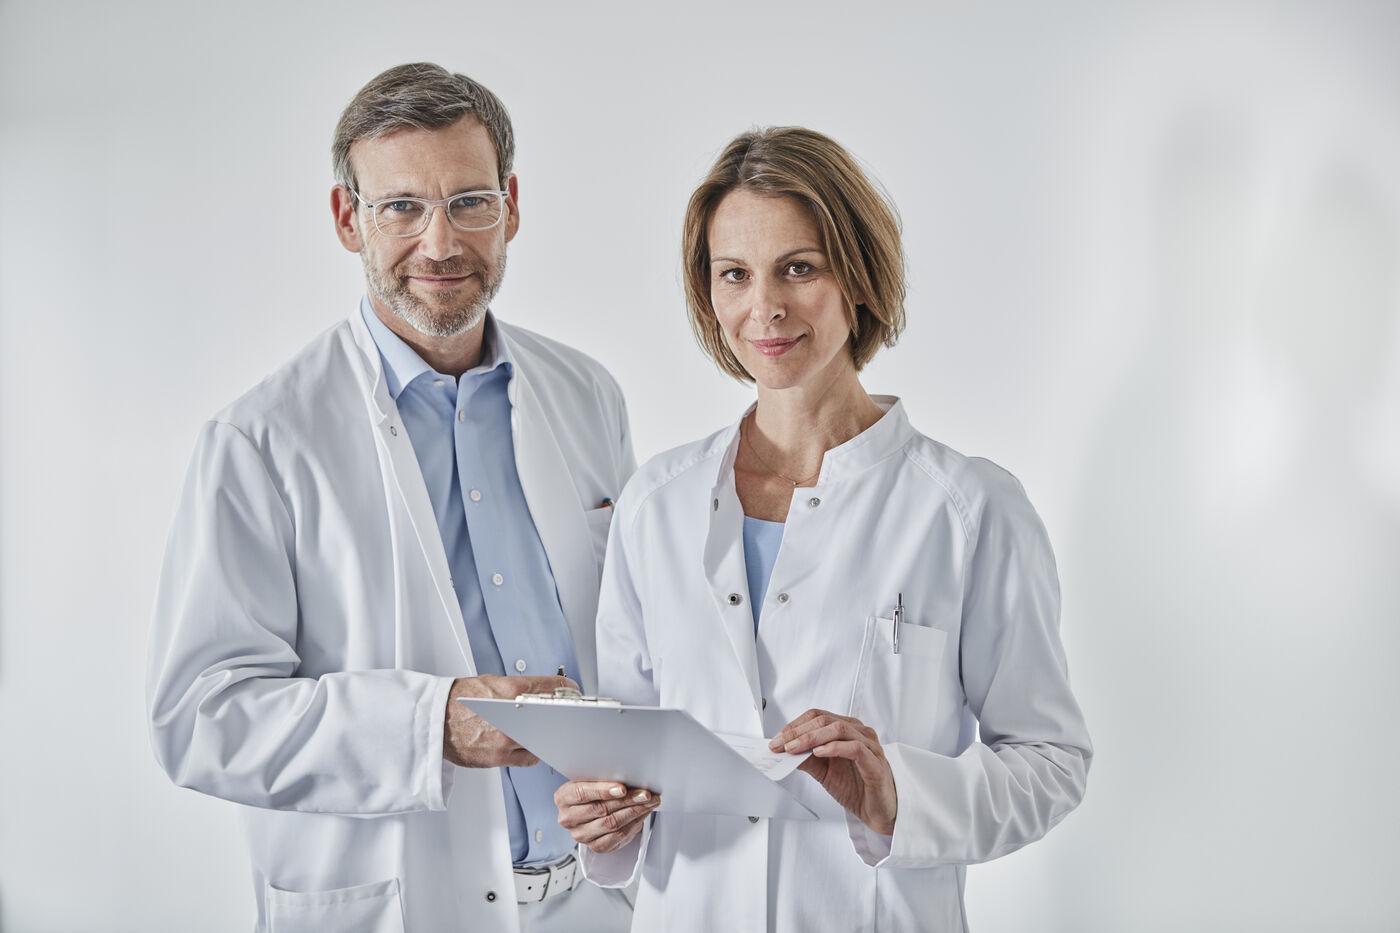 Facharzt* (m/w/d) Chirurgie in Köln - Job Köln - Jobs